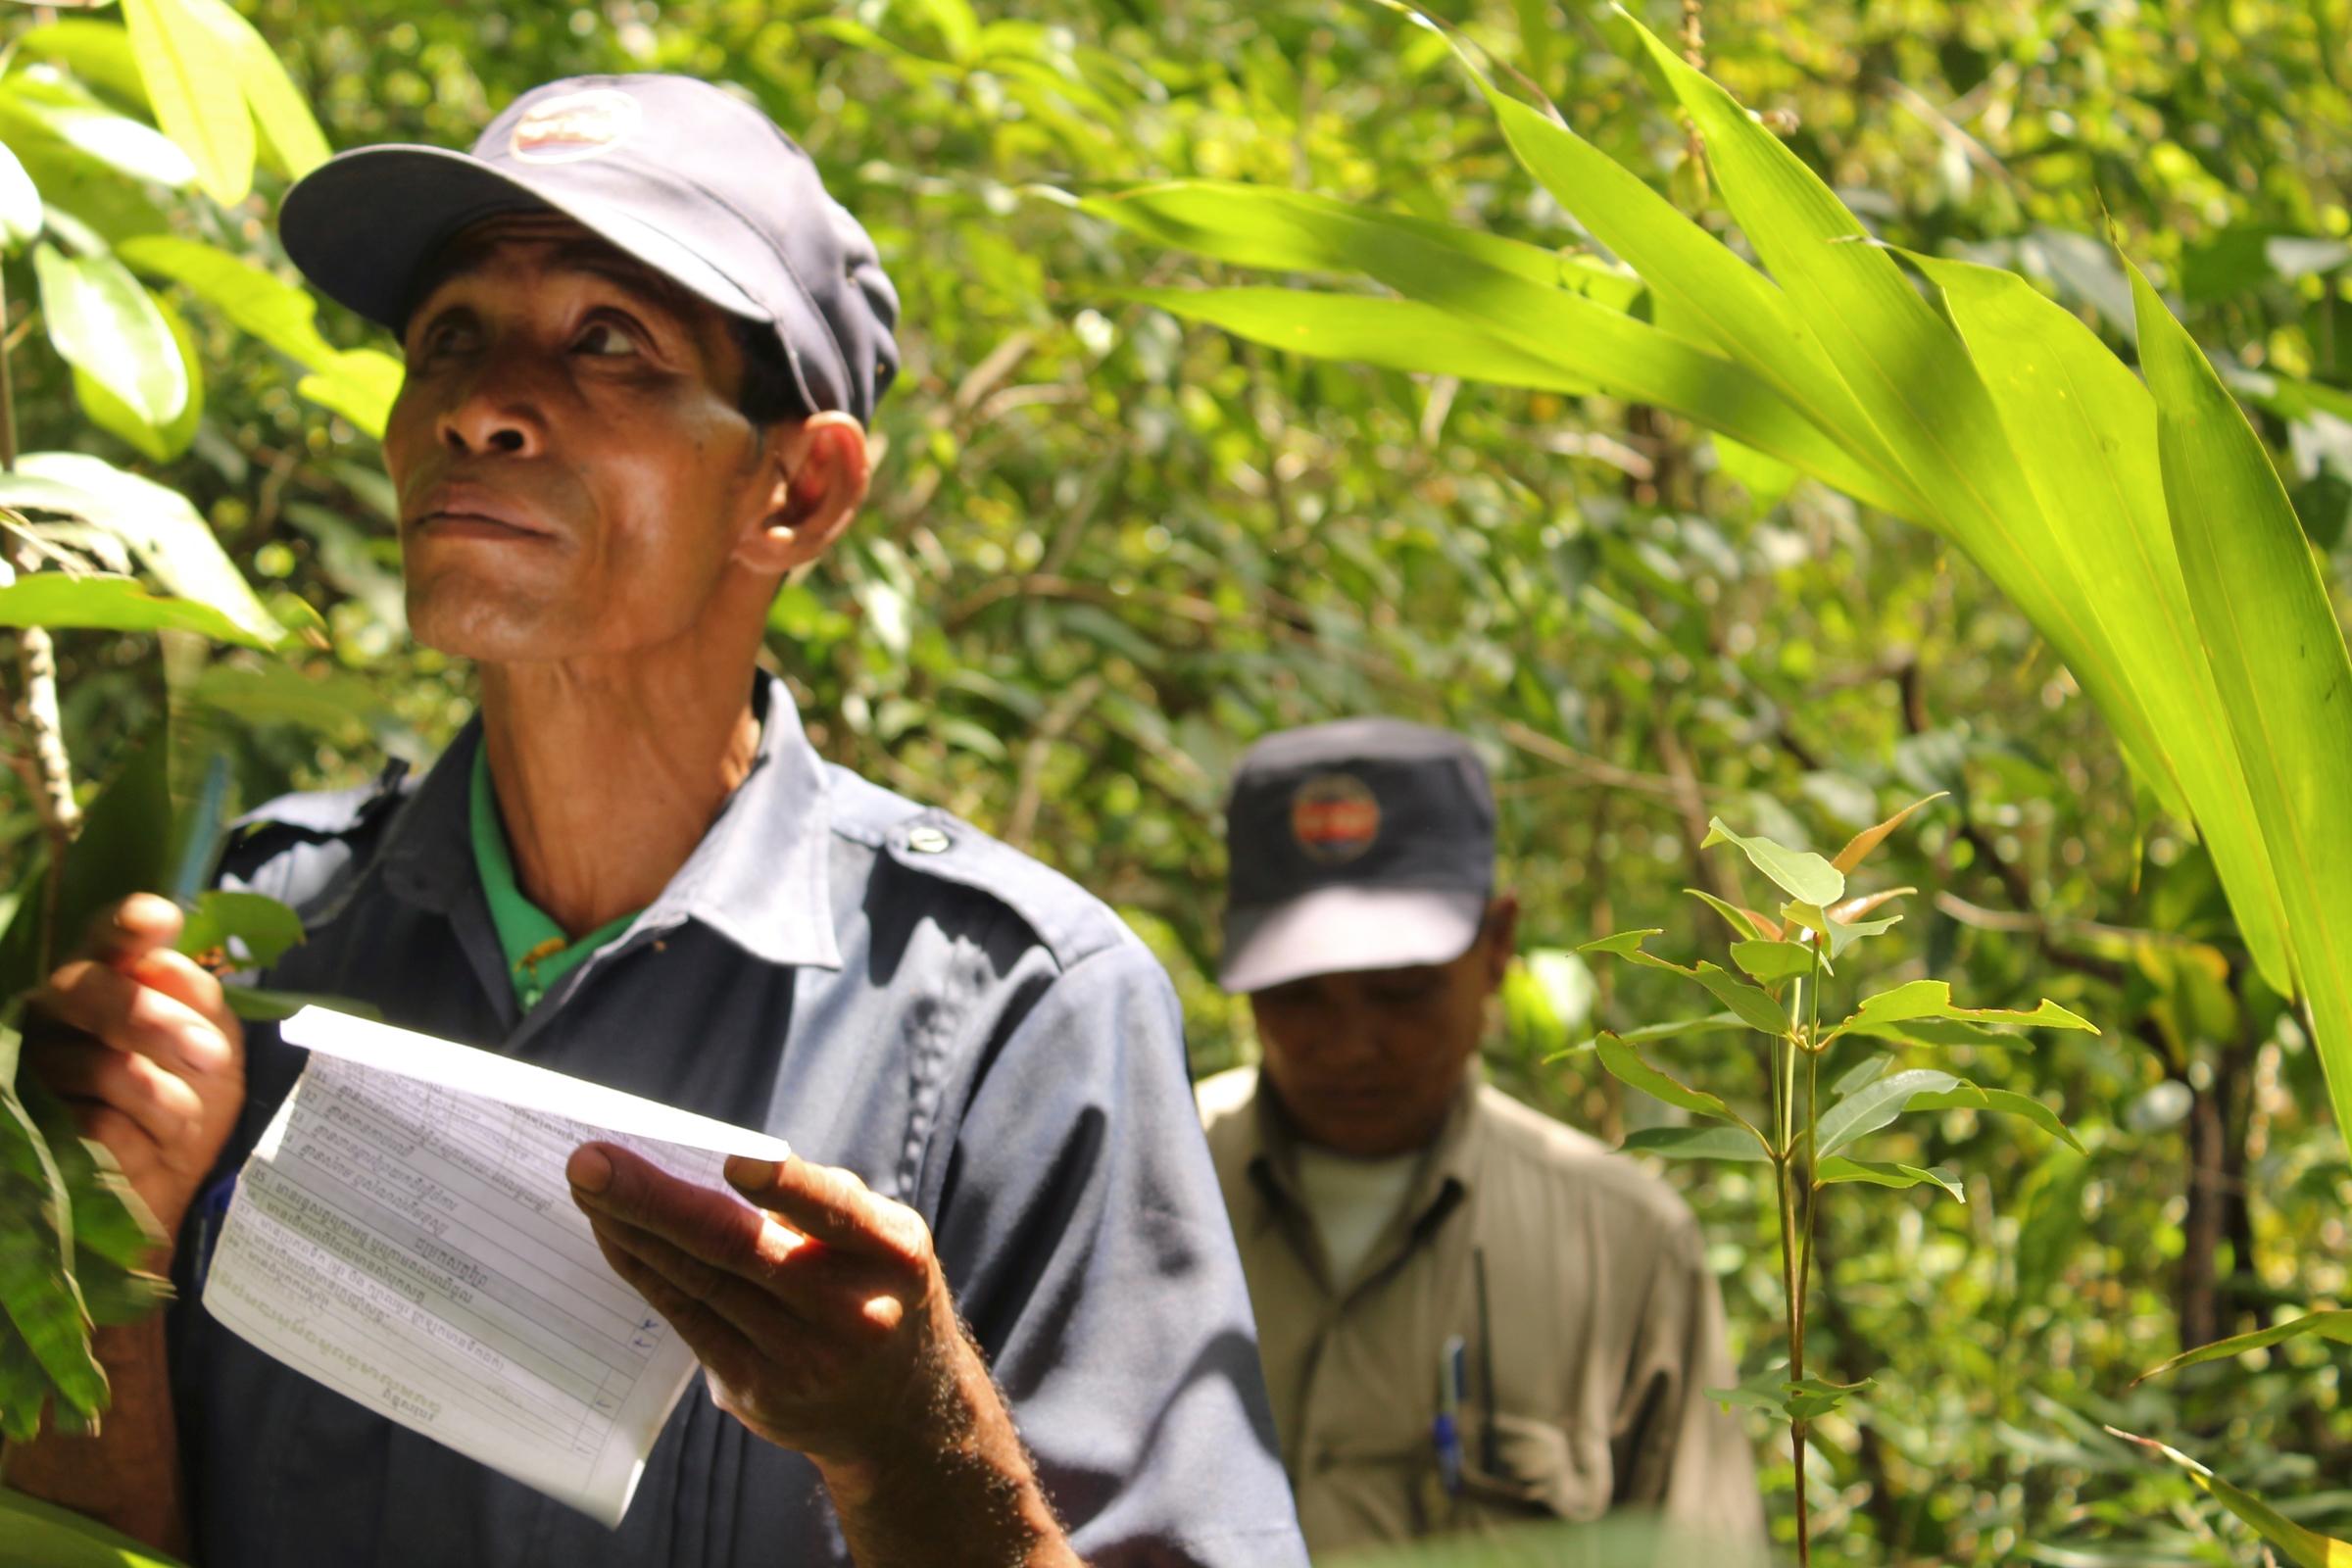 Lippahattupäinen henkilö tarkastelee puita lomakepaperi kädessään. Taustalla toinen henkilö ja kasvillisuutta.